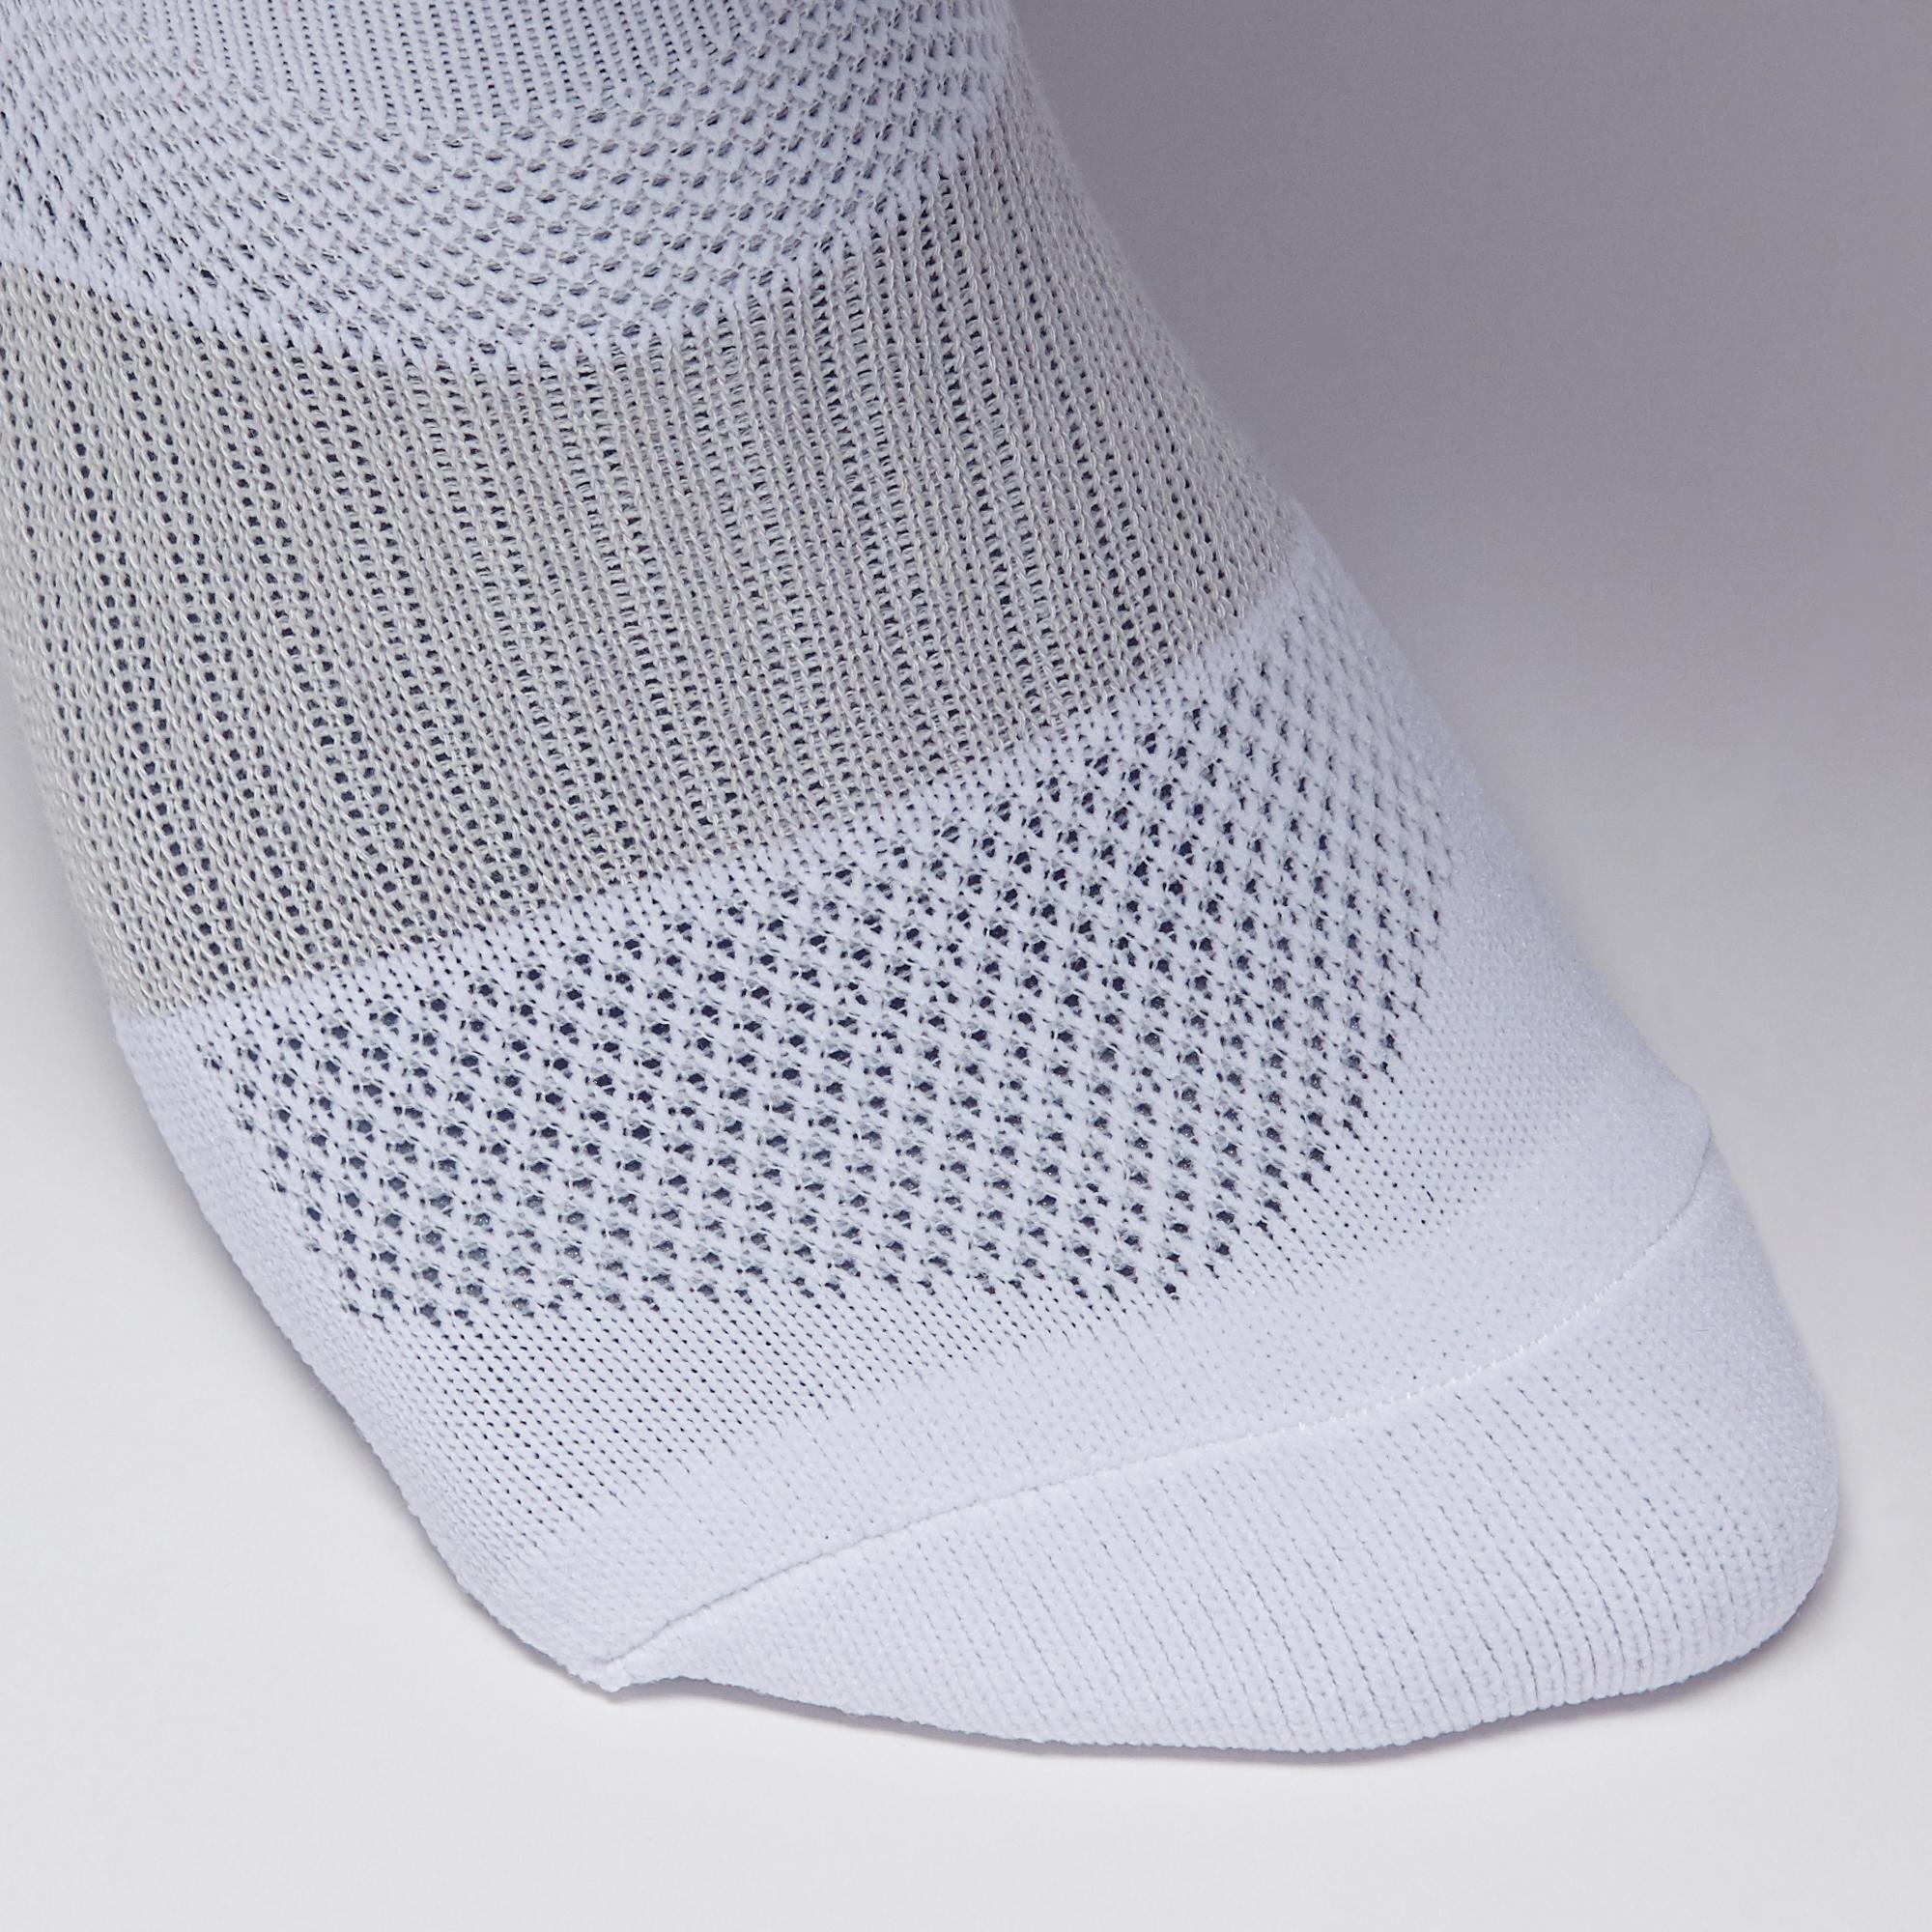 Chaussette de soccer adulte F500 blanche